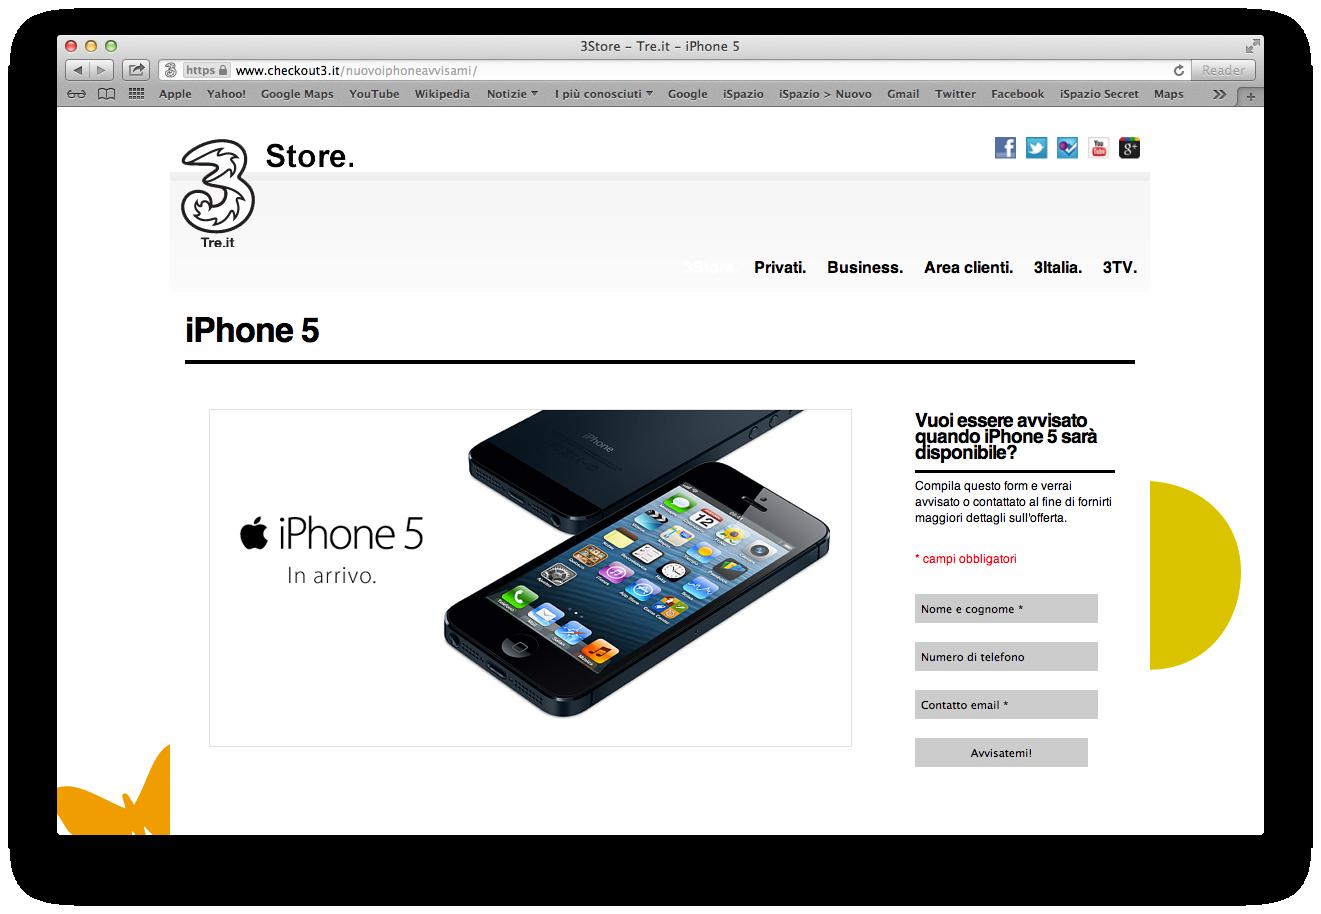 3Italia, Vodafone e Tim lanciano le pagine che permettono di essere avvisati sull'inizio delle prenotazioni di iPhone 5.